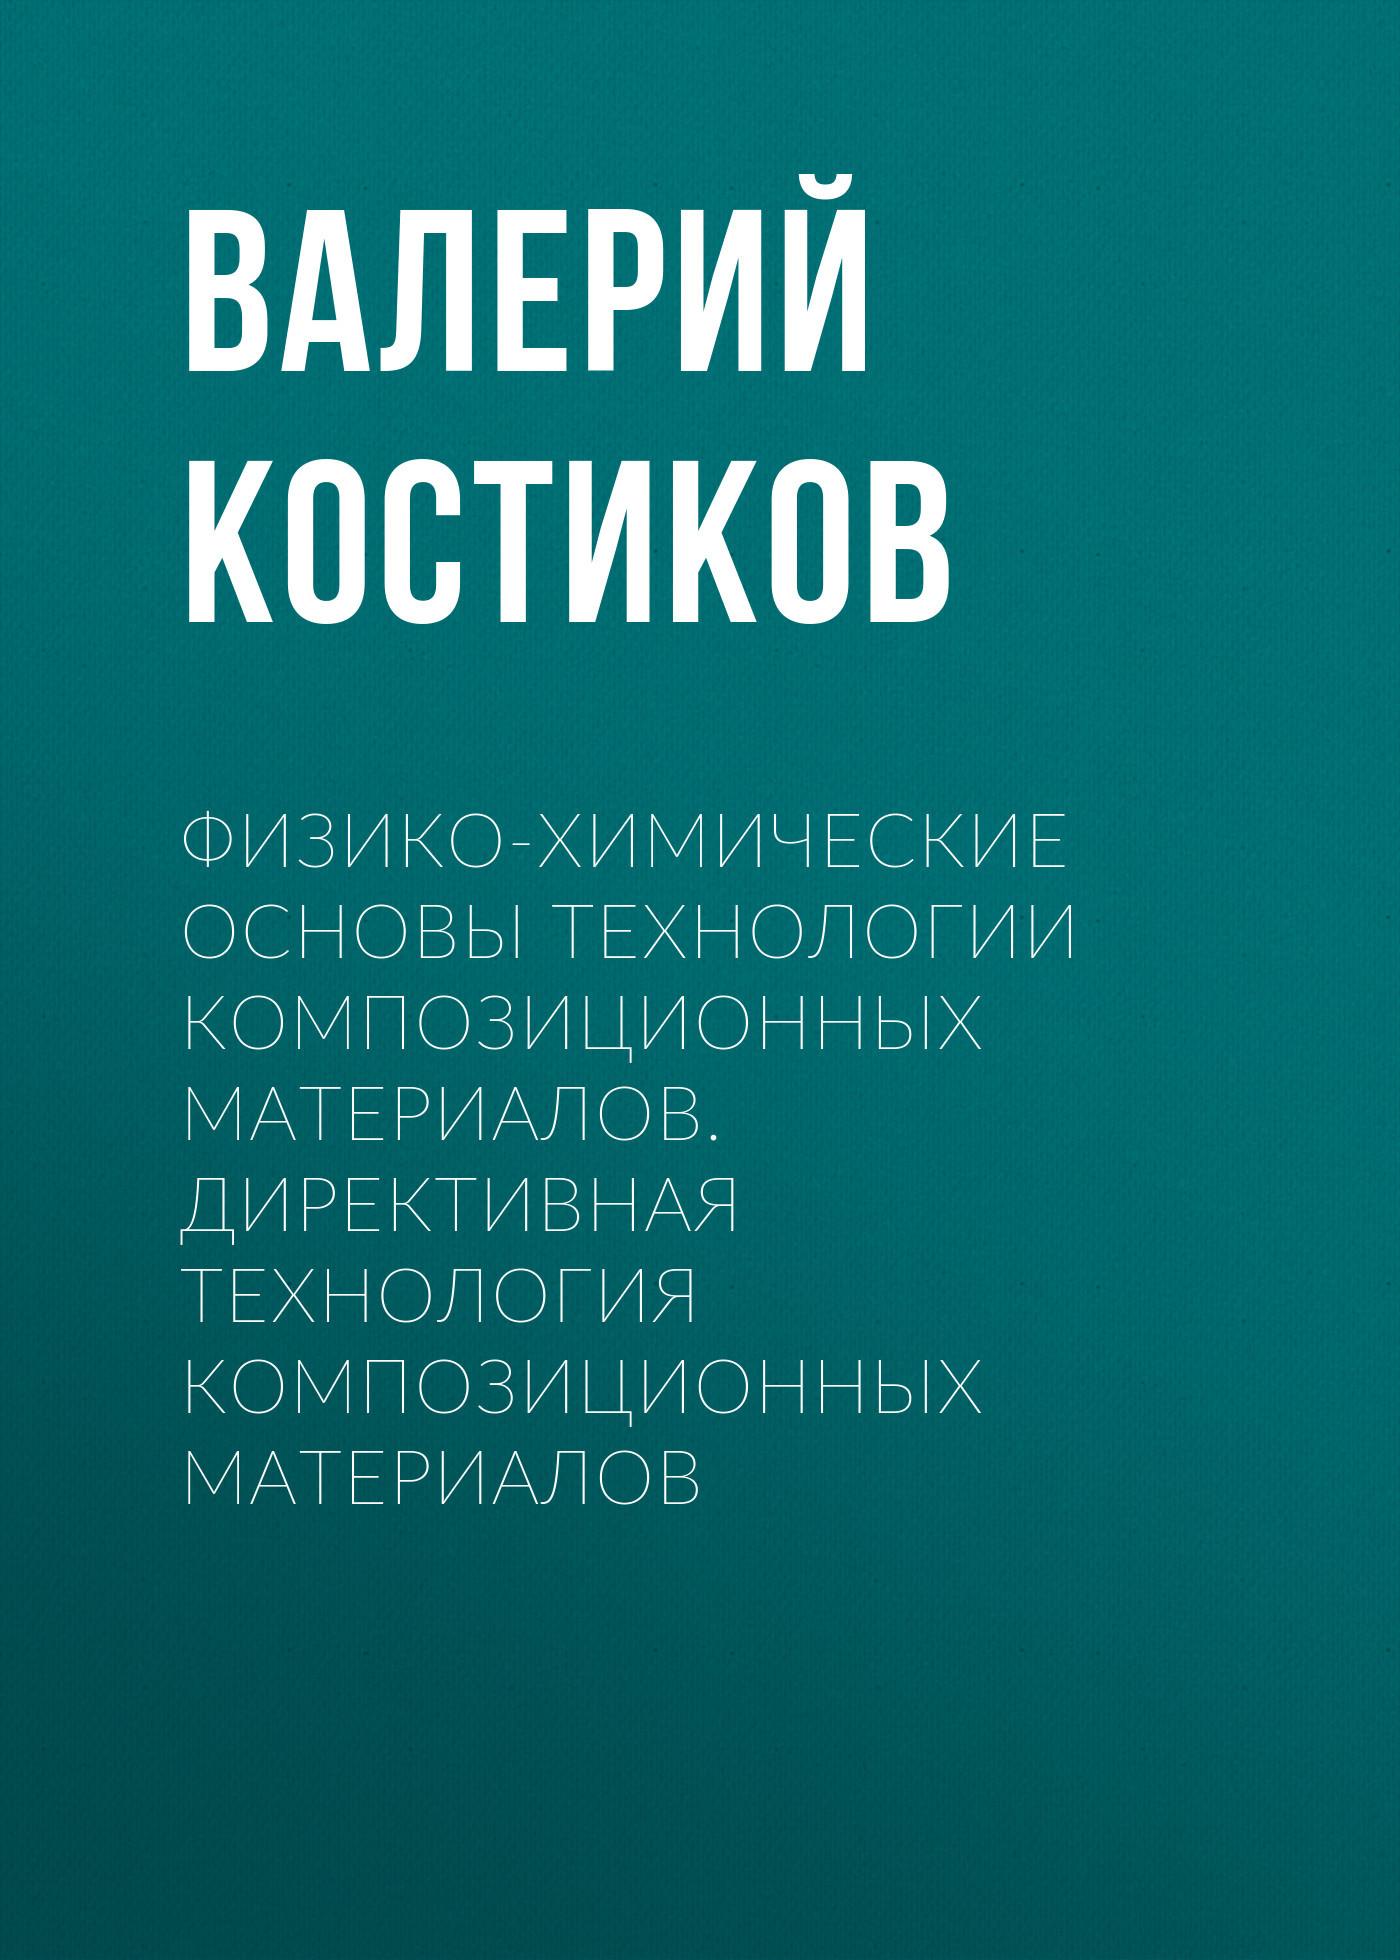 Валерий Костиков Физико-химические основы технологии композиционных материалов. Директивная технология композиционных материалов в и томилин физико химические основы технологии электронных средств